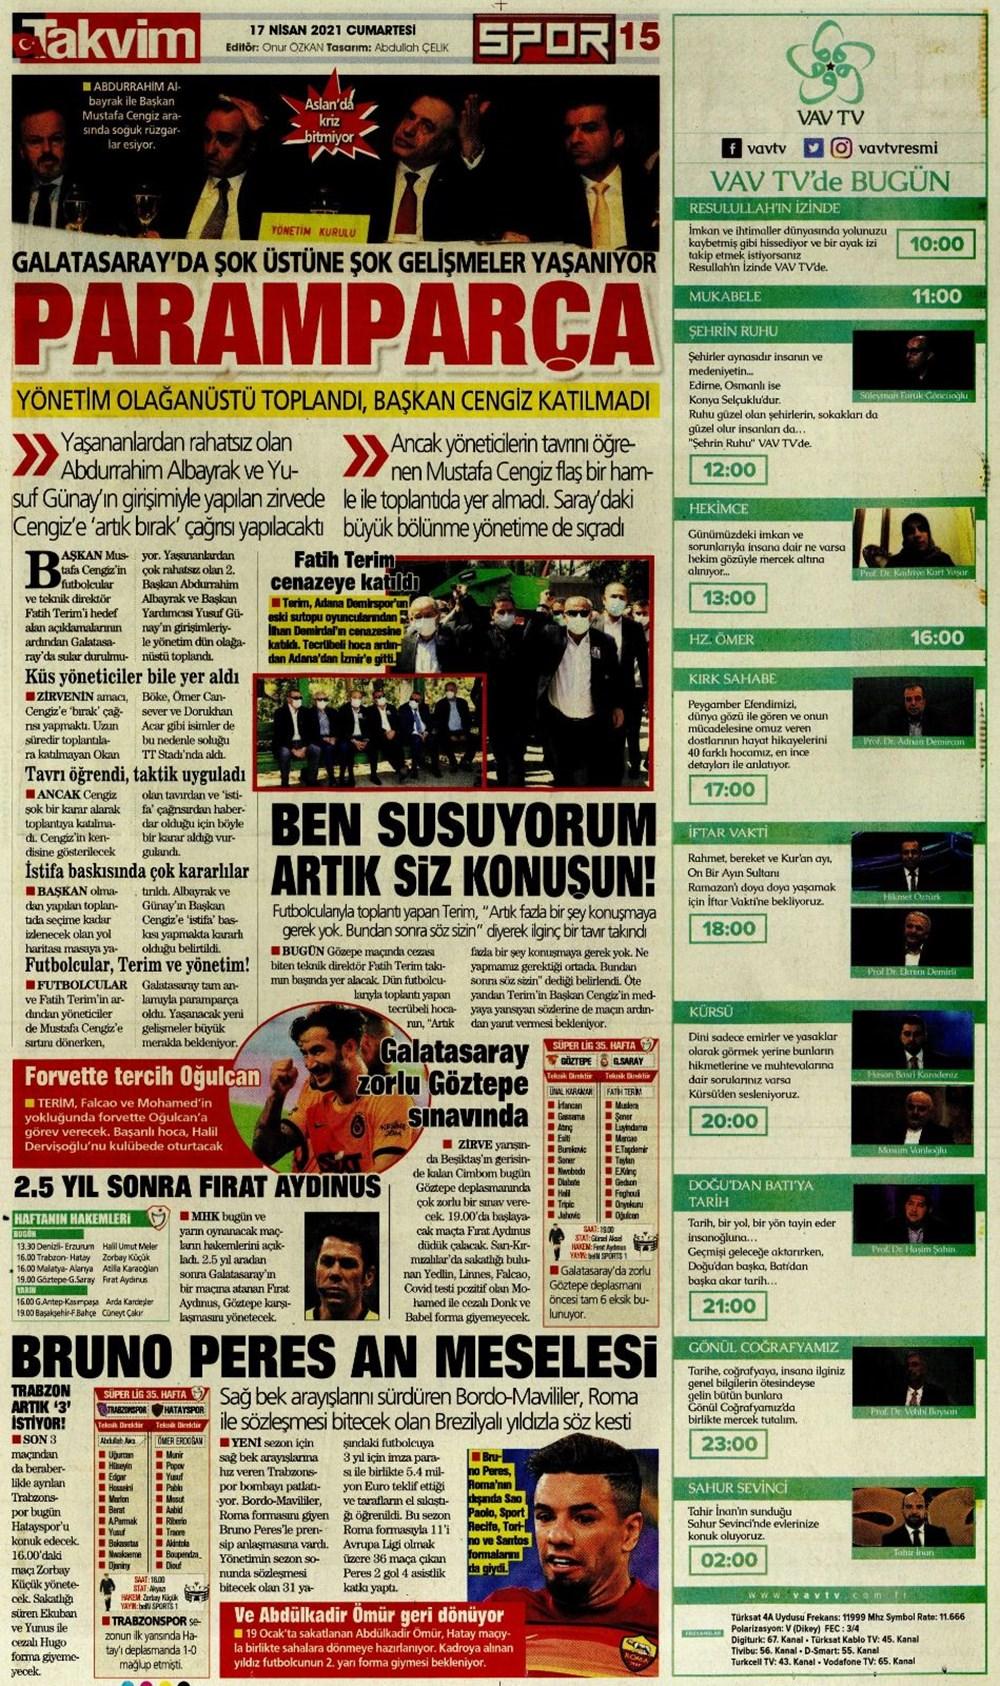 Günün spor manşetleri (17 Nisan 2021) - 22